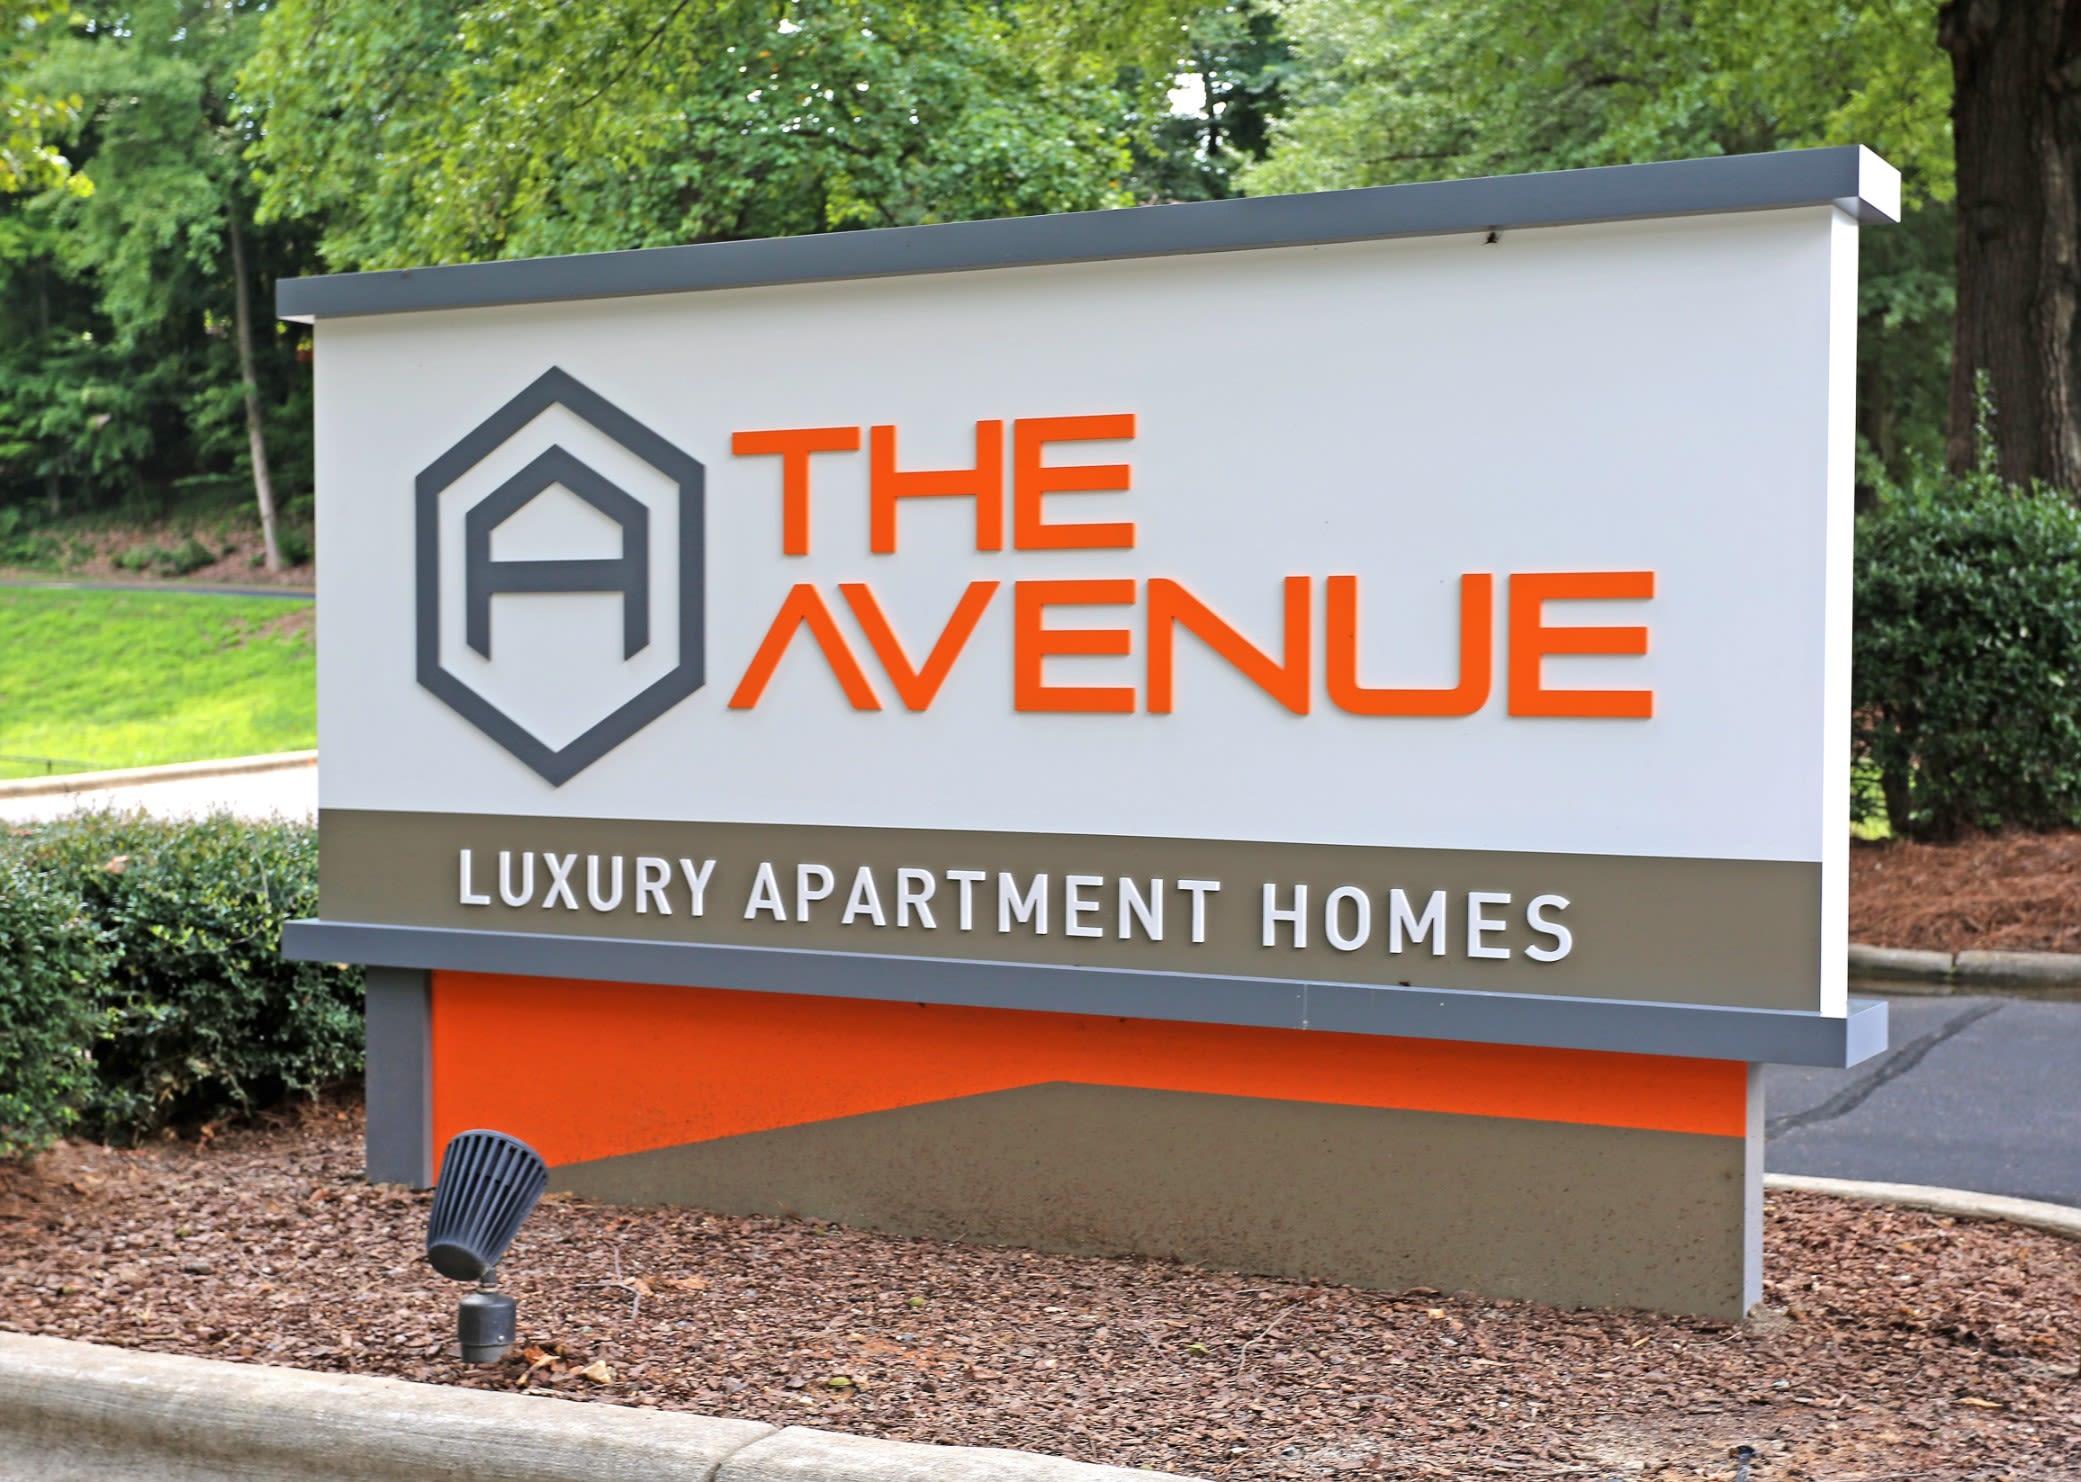 Signage at Greensboro, NC Apartments